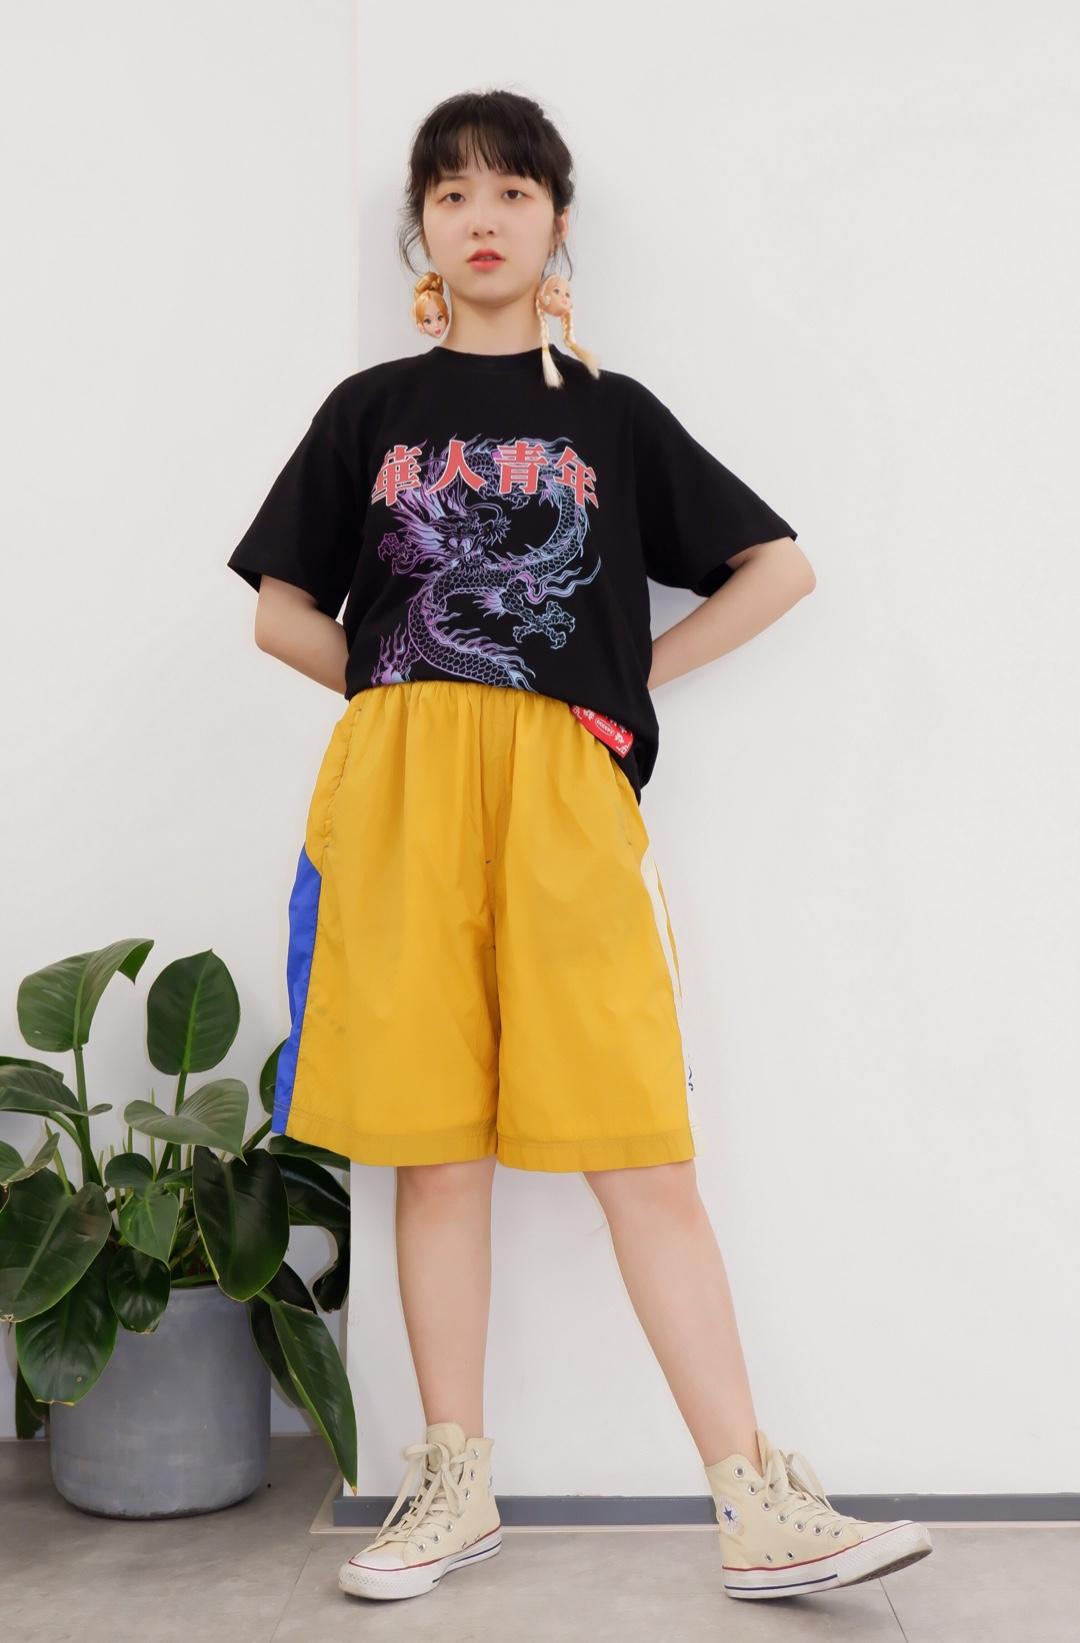 ✨✨✨ 酷酷的黑色T恤🐺 👼🏻搭配宽松运动短裤 活力满满 过一个帅气舒适的夏季吧😊 #可盐可甜一件T恤全hold住#